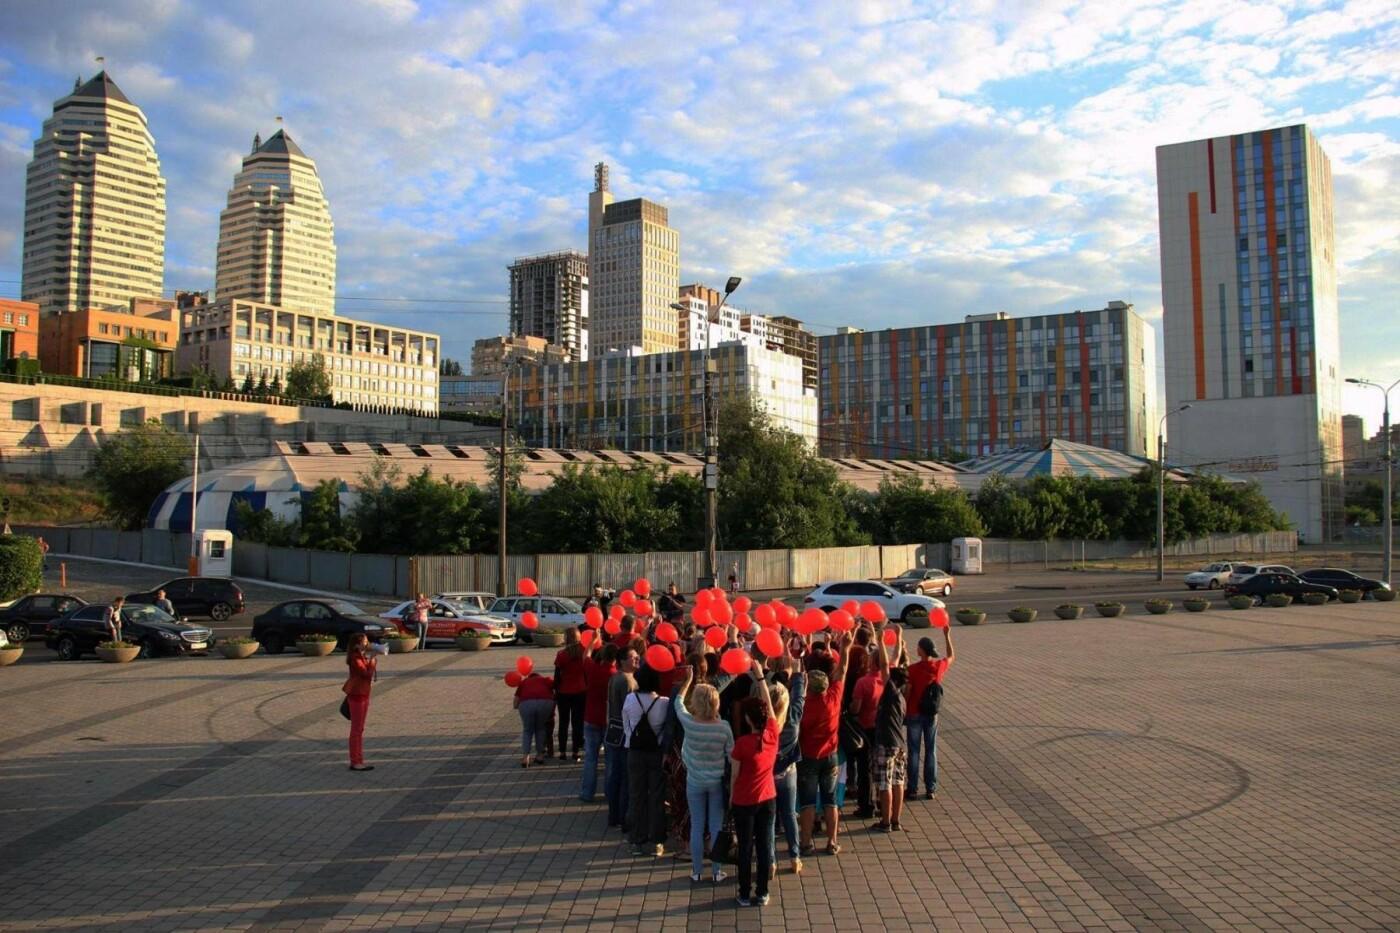 Одевайтесь в красное: в Днепре состоится красочный флешмоб в поддержку доноров, - ФОТО, фото-3